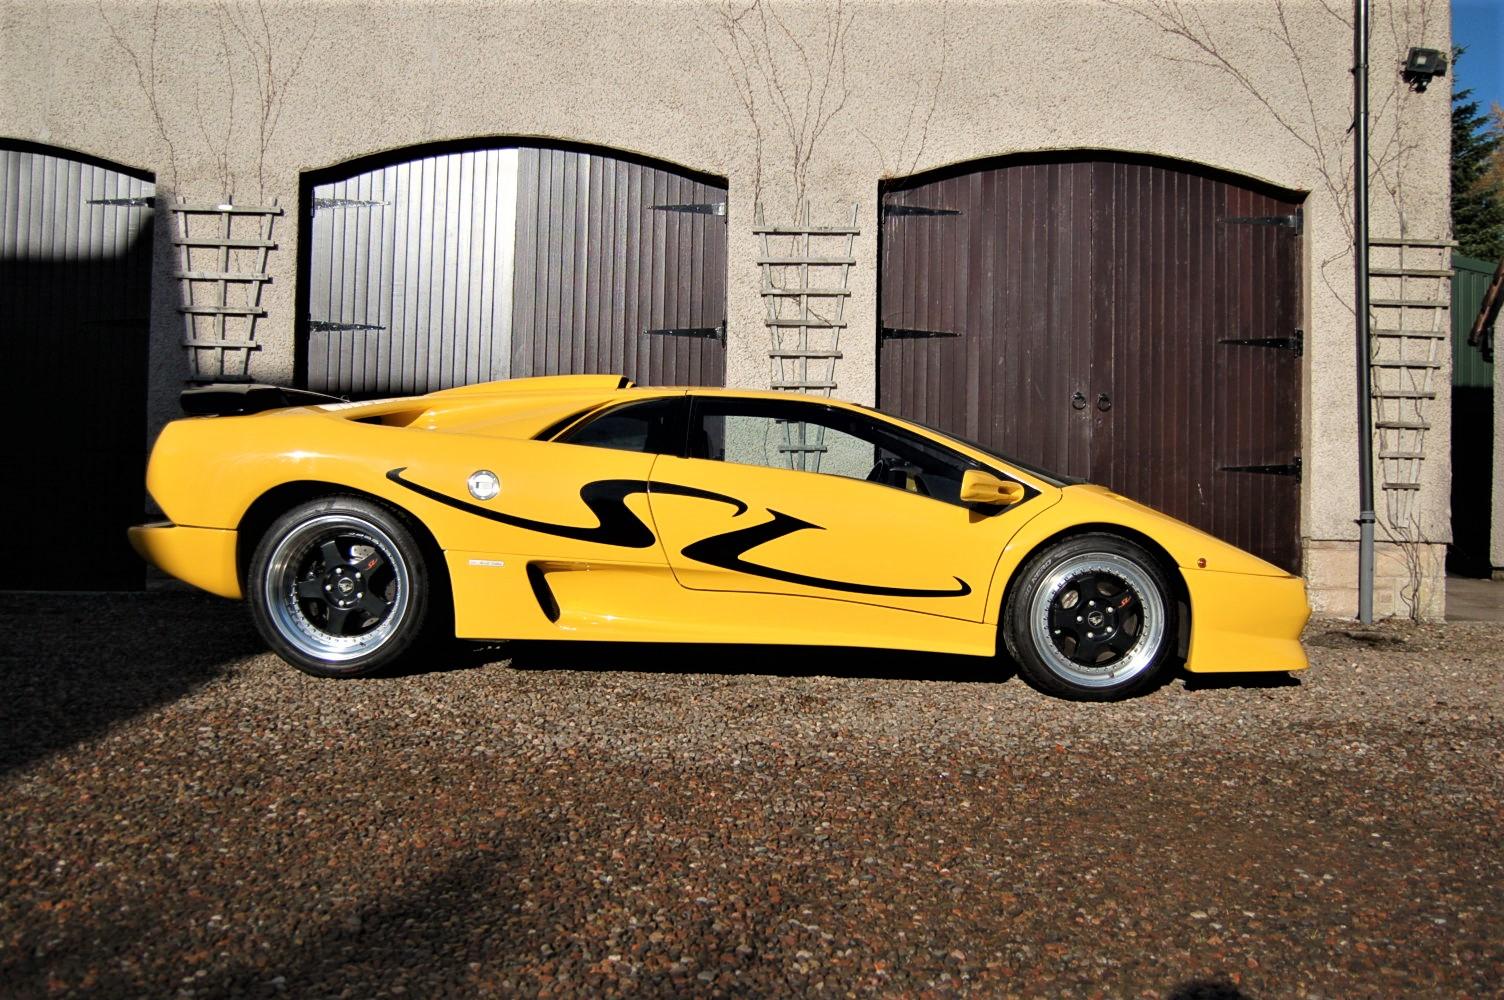 Lamborghini Diablo S V Top Gear Specialist Cars